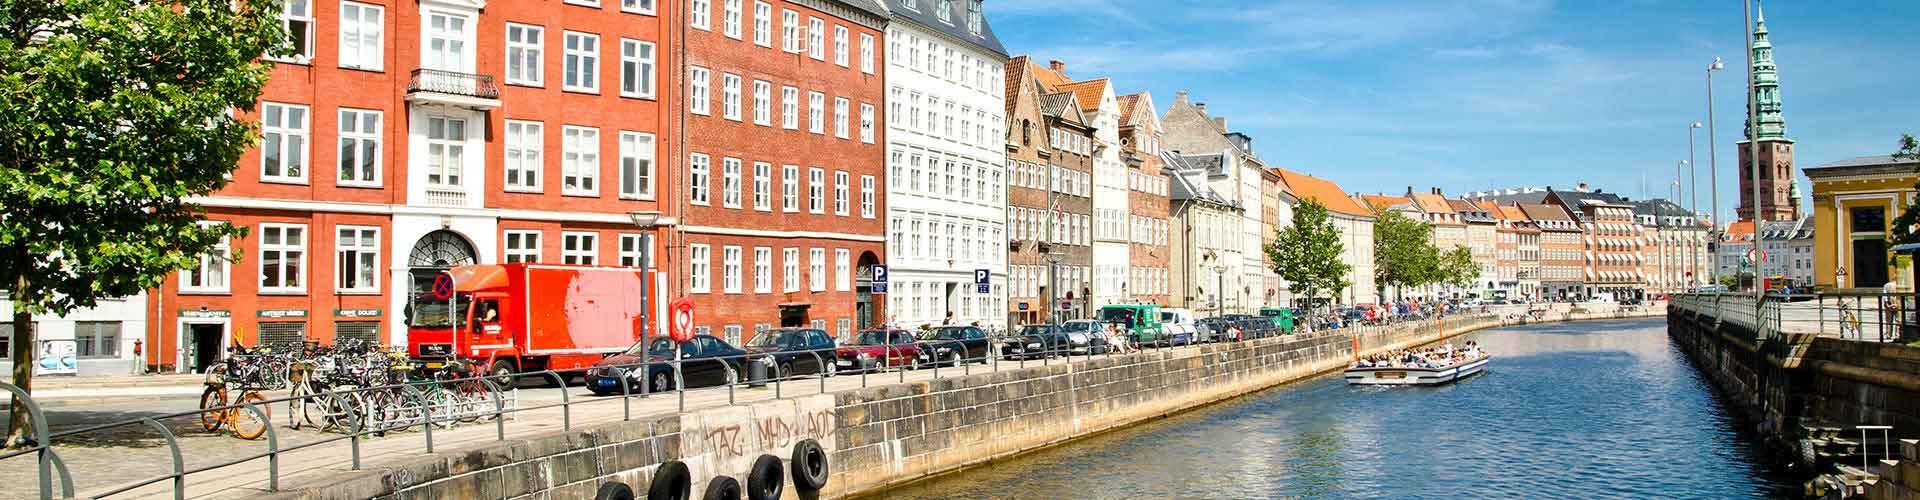 Kööpenhamina – Hostellit kaupungiosassa Indre By. Kööpenhamina -karttoja, valokuvia ja arvosteluja kaikista Kööpenhamina -hostelleista.